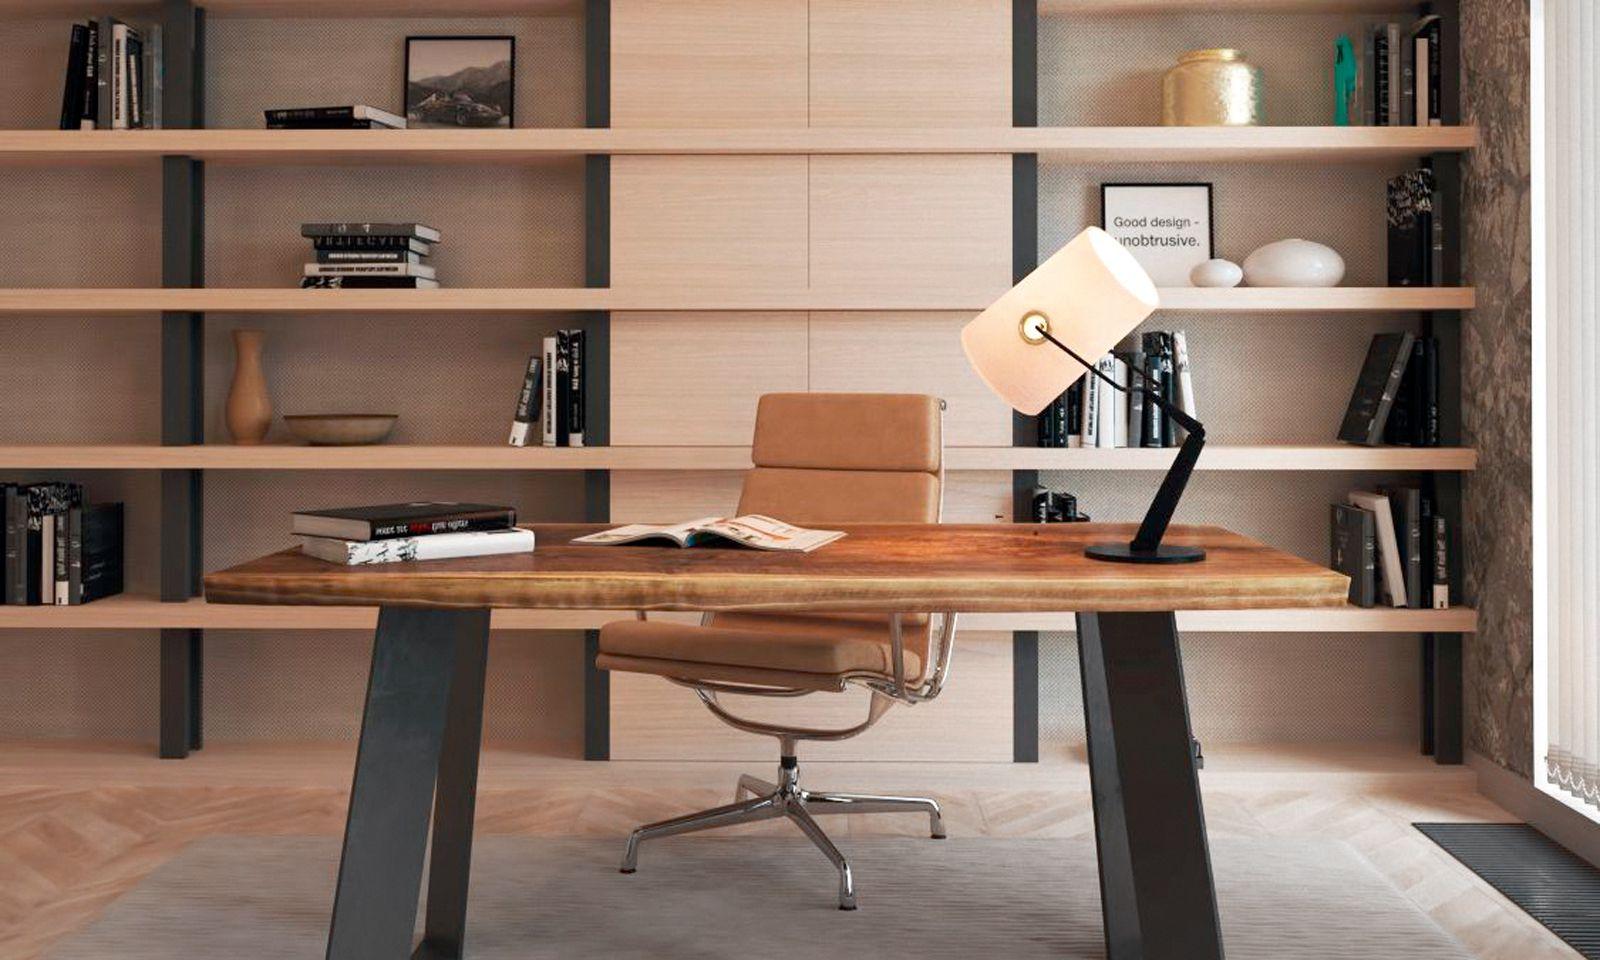 Maßanfertigung eines Schreibtischs.